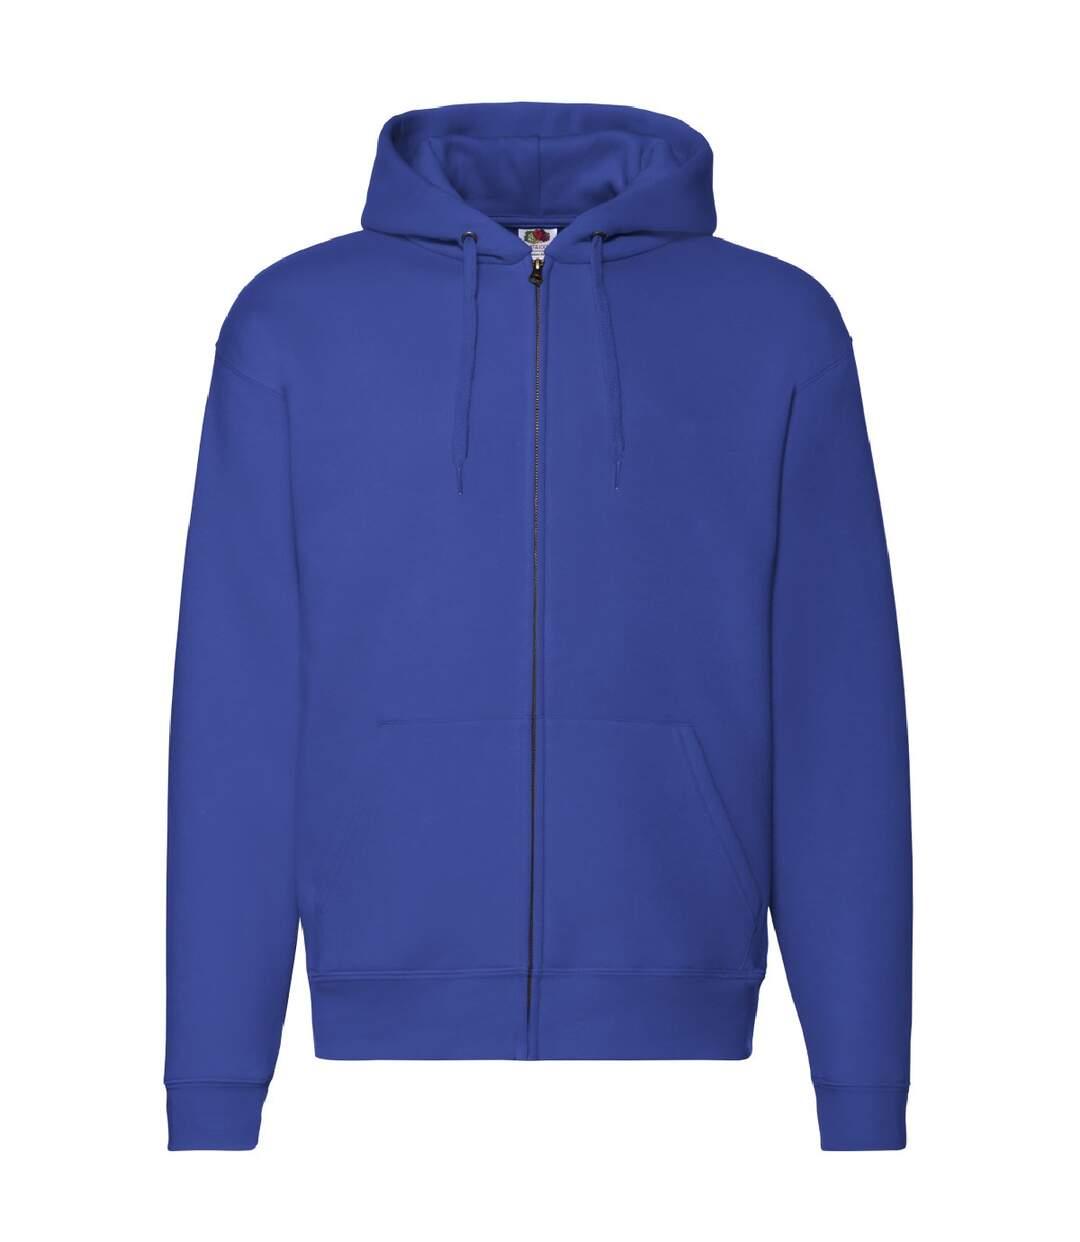 Fruit Of The Loom Mens Zip Through Hooded Sweatshirt / Hoodie (Royal) - UTBC360